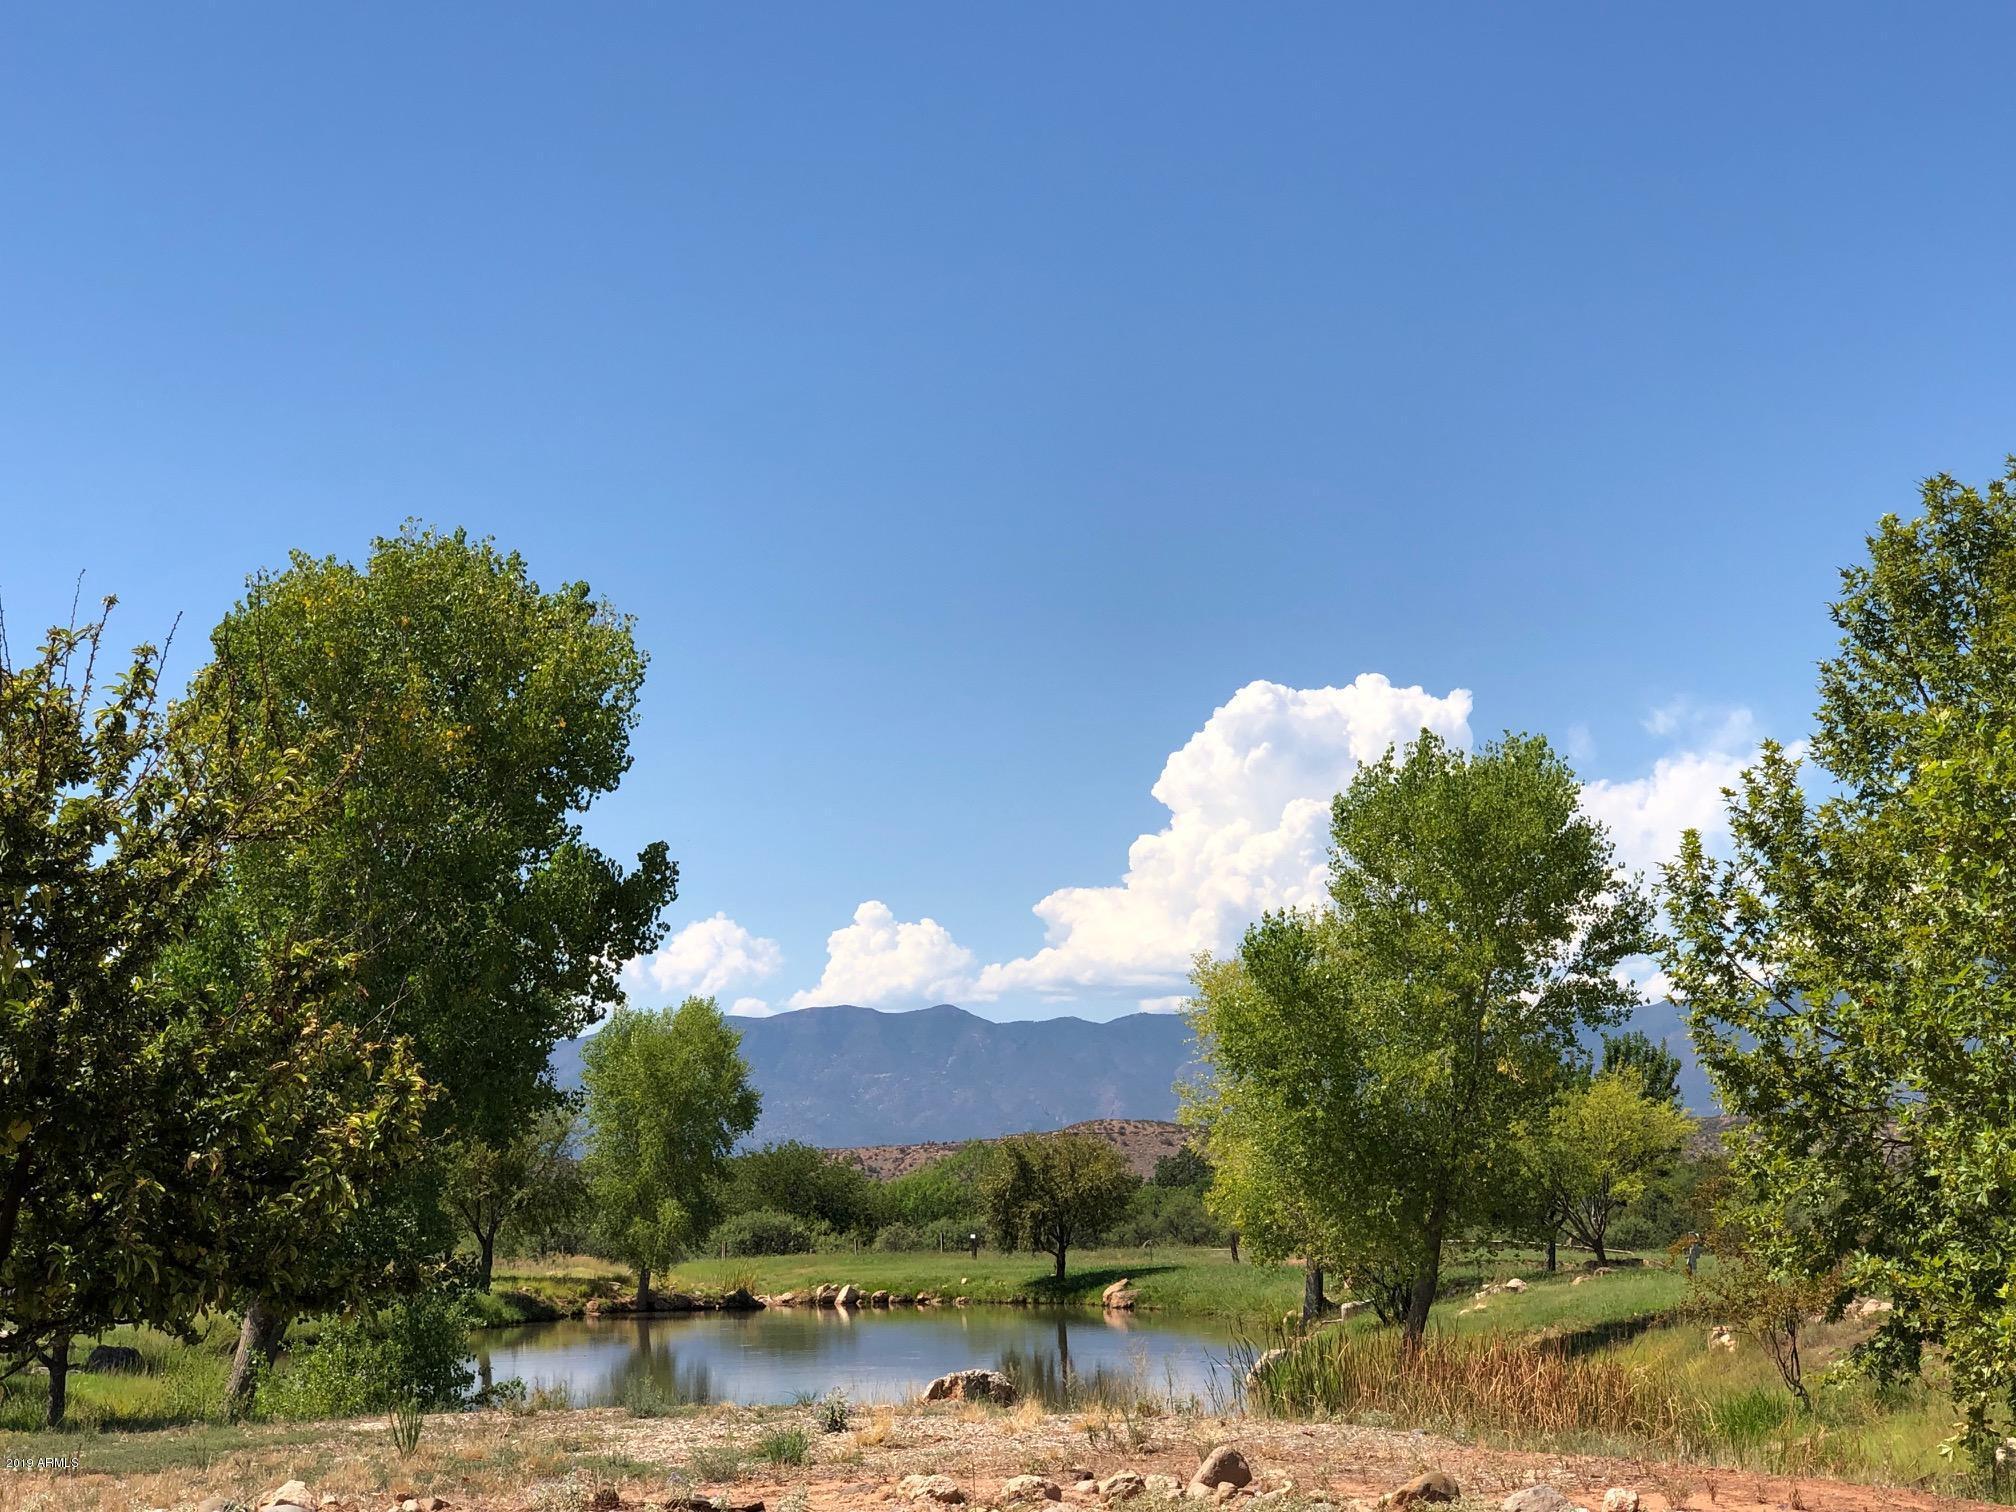 435 S BONITO RANCH Loop # 26, Cornville, AZ 86325, ,Land,For Sale,435 S BONITO RANCH Loop # 26,5982851